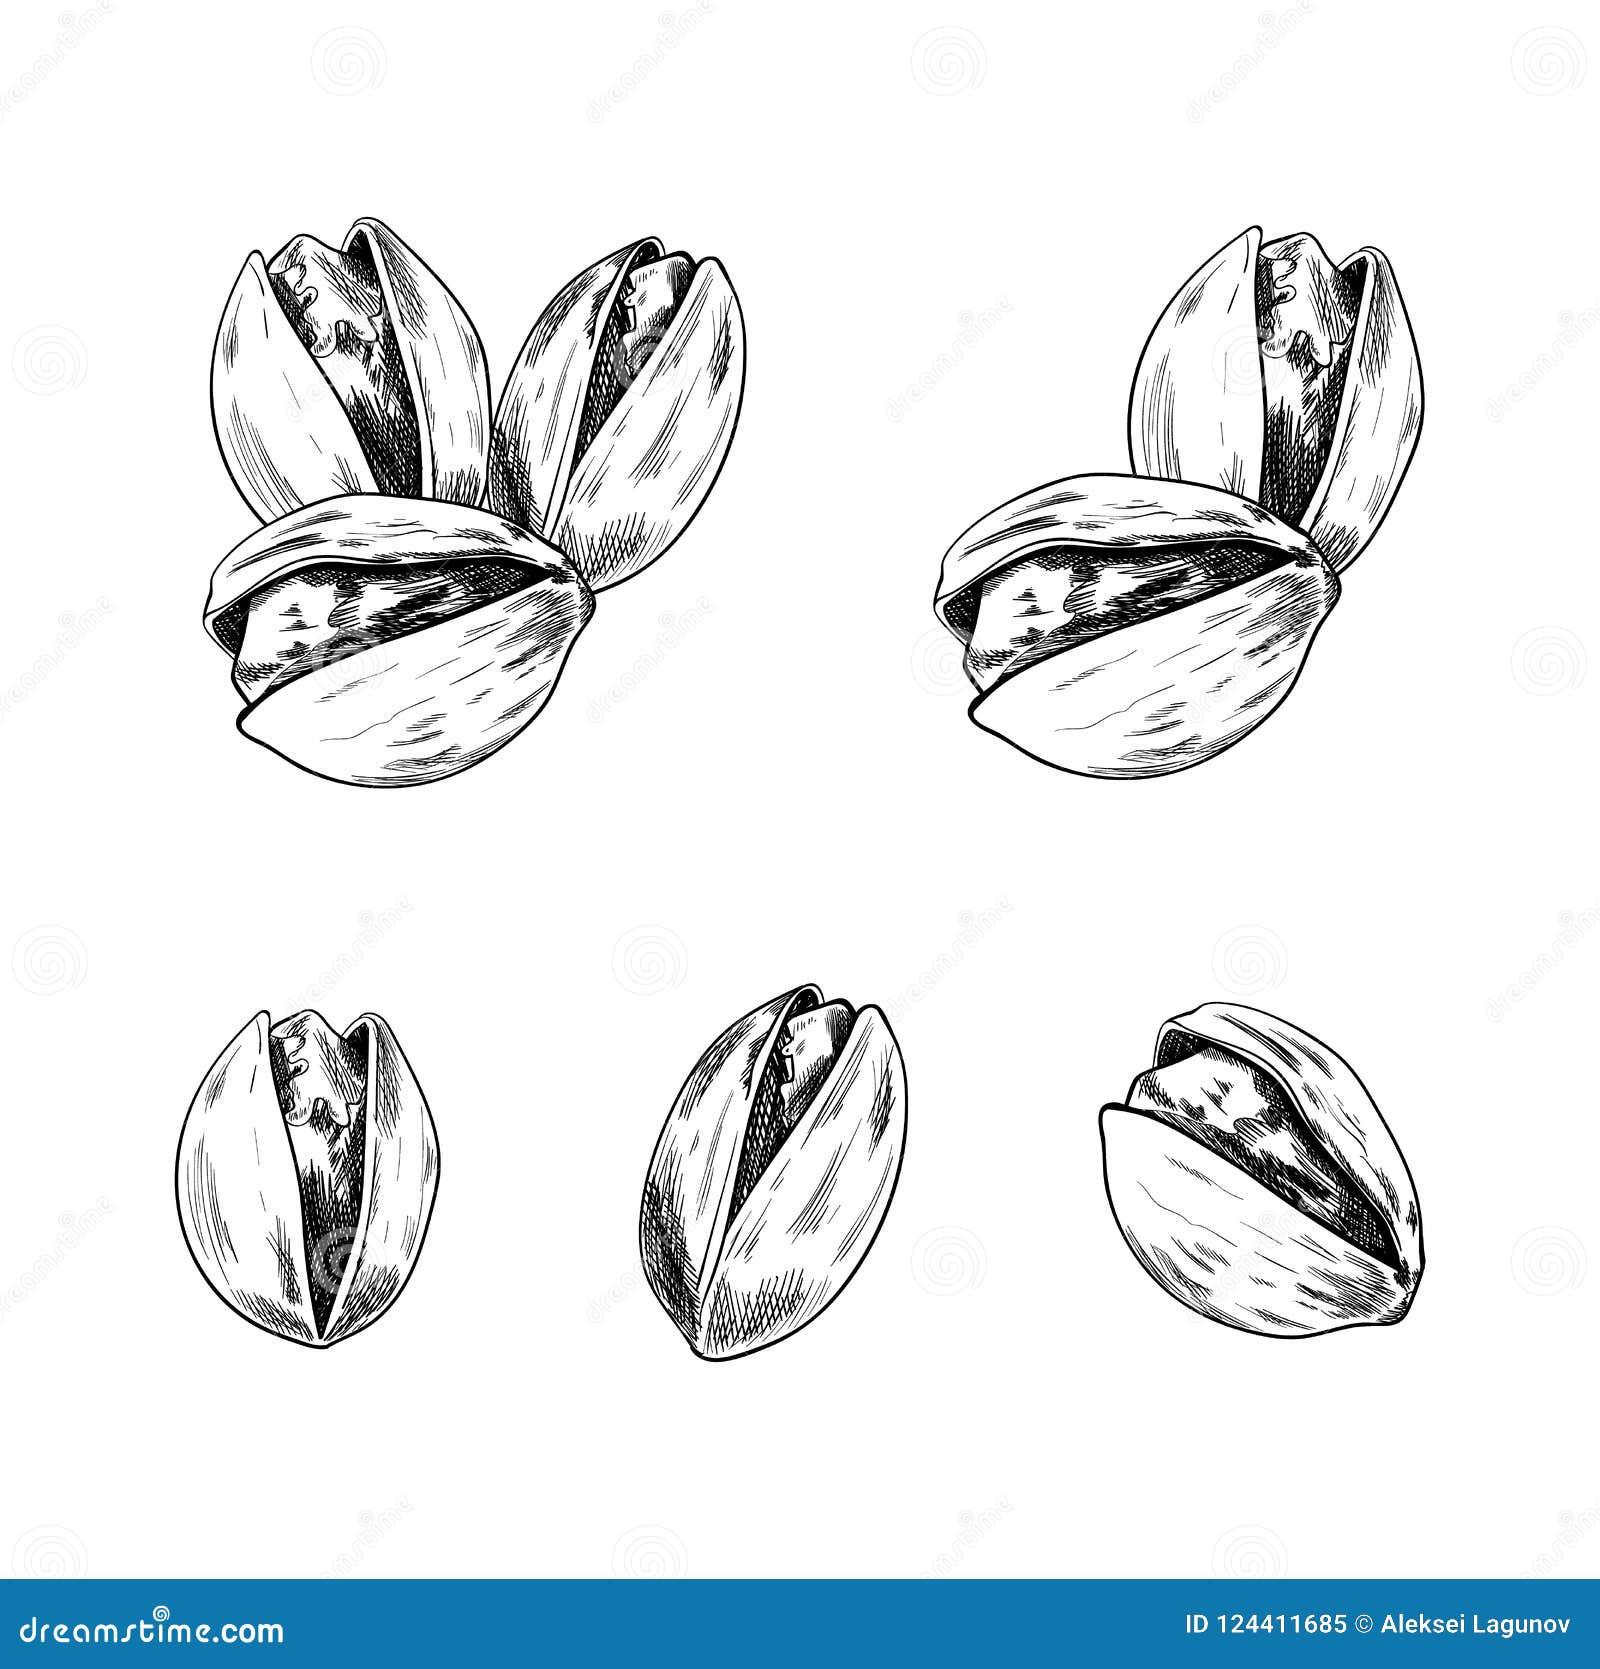 Insieme disegnato a mano dei pistacchi di vettore, raccolta di schizzi, isolata sui dadi bianchi del fondo